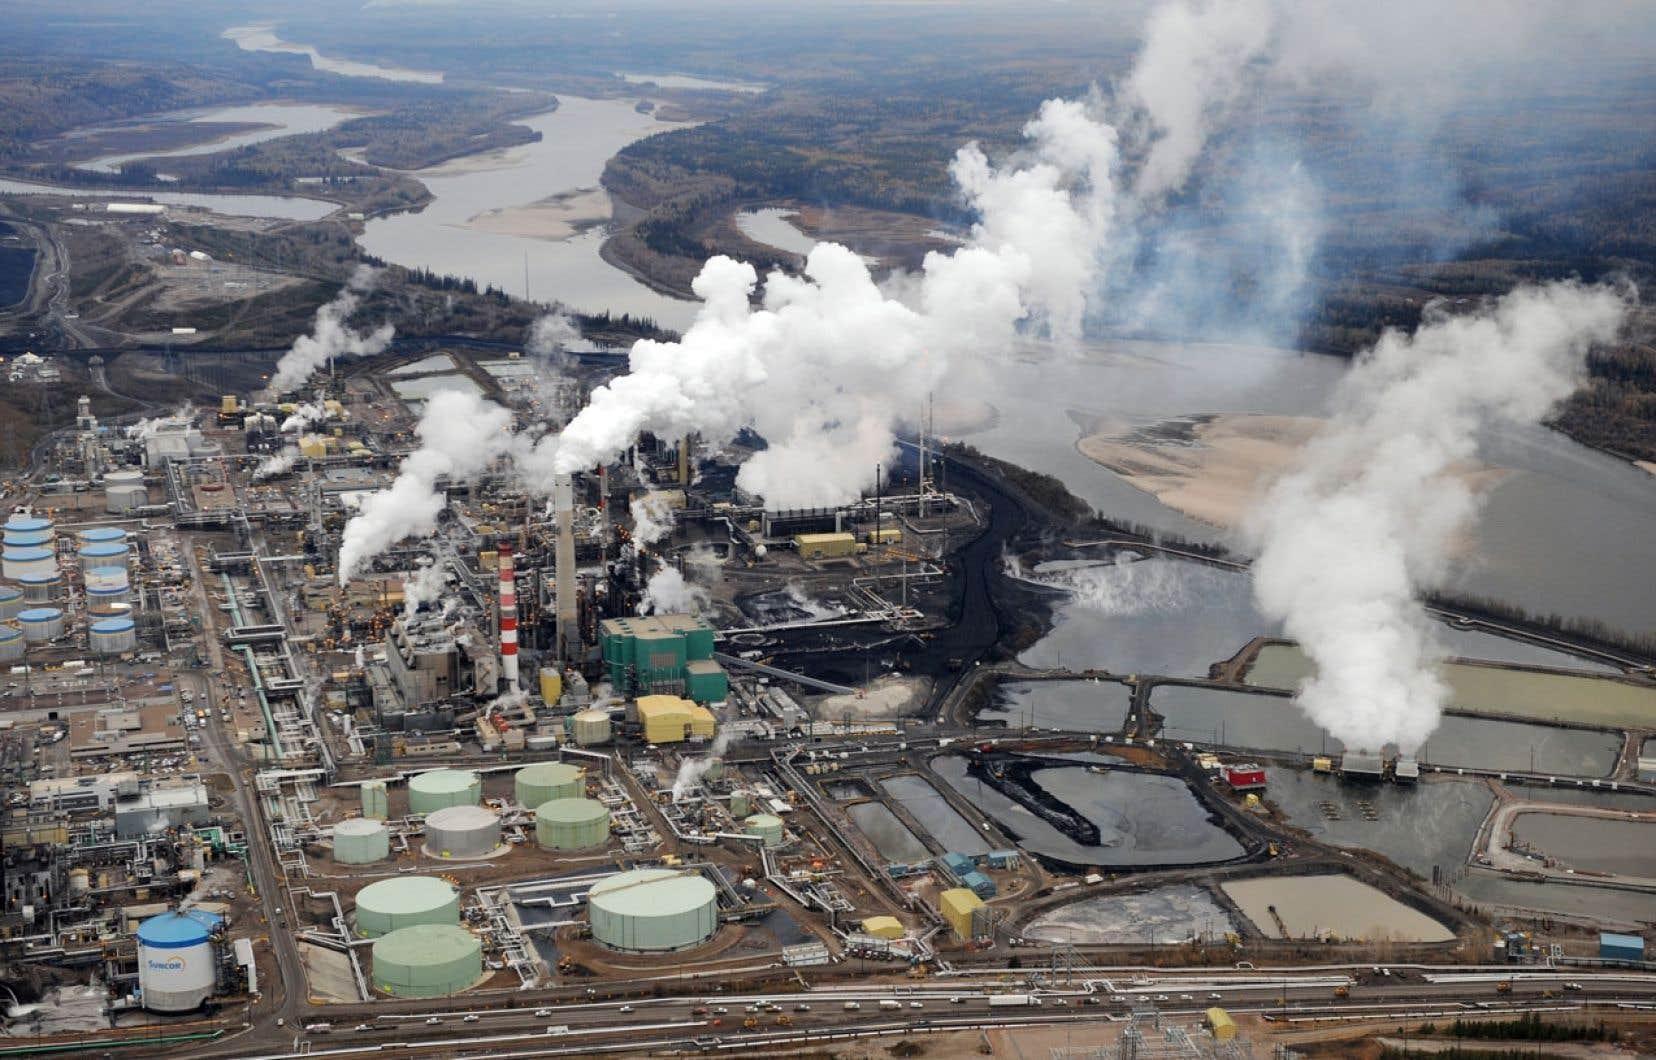 La décision de South Portland compromet l'acheminement de pétrole des sables bitumineux vers le Maine, selon Équiterre. Ci-dessus, les installations de Suncor à Fort McMurray, en Alberta.